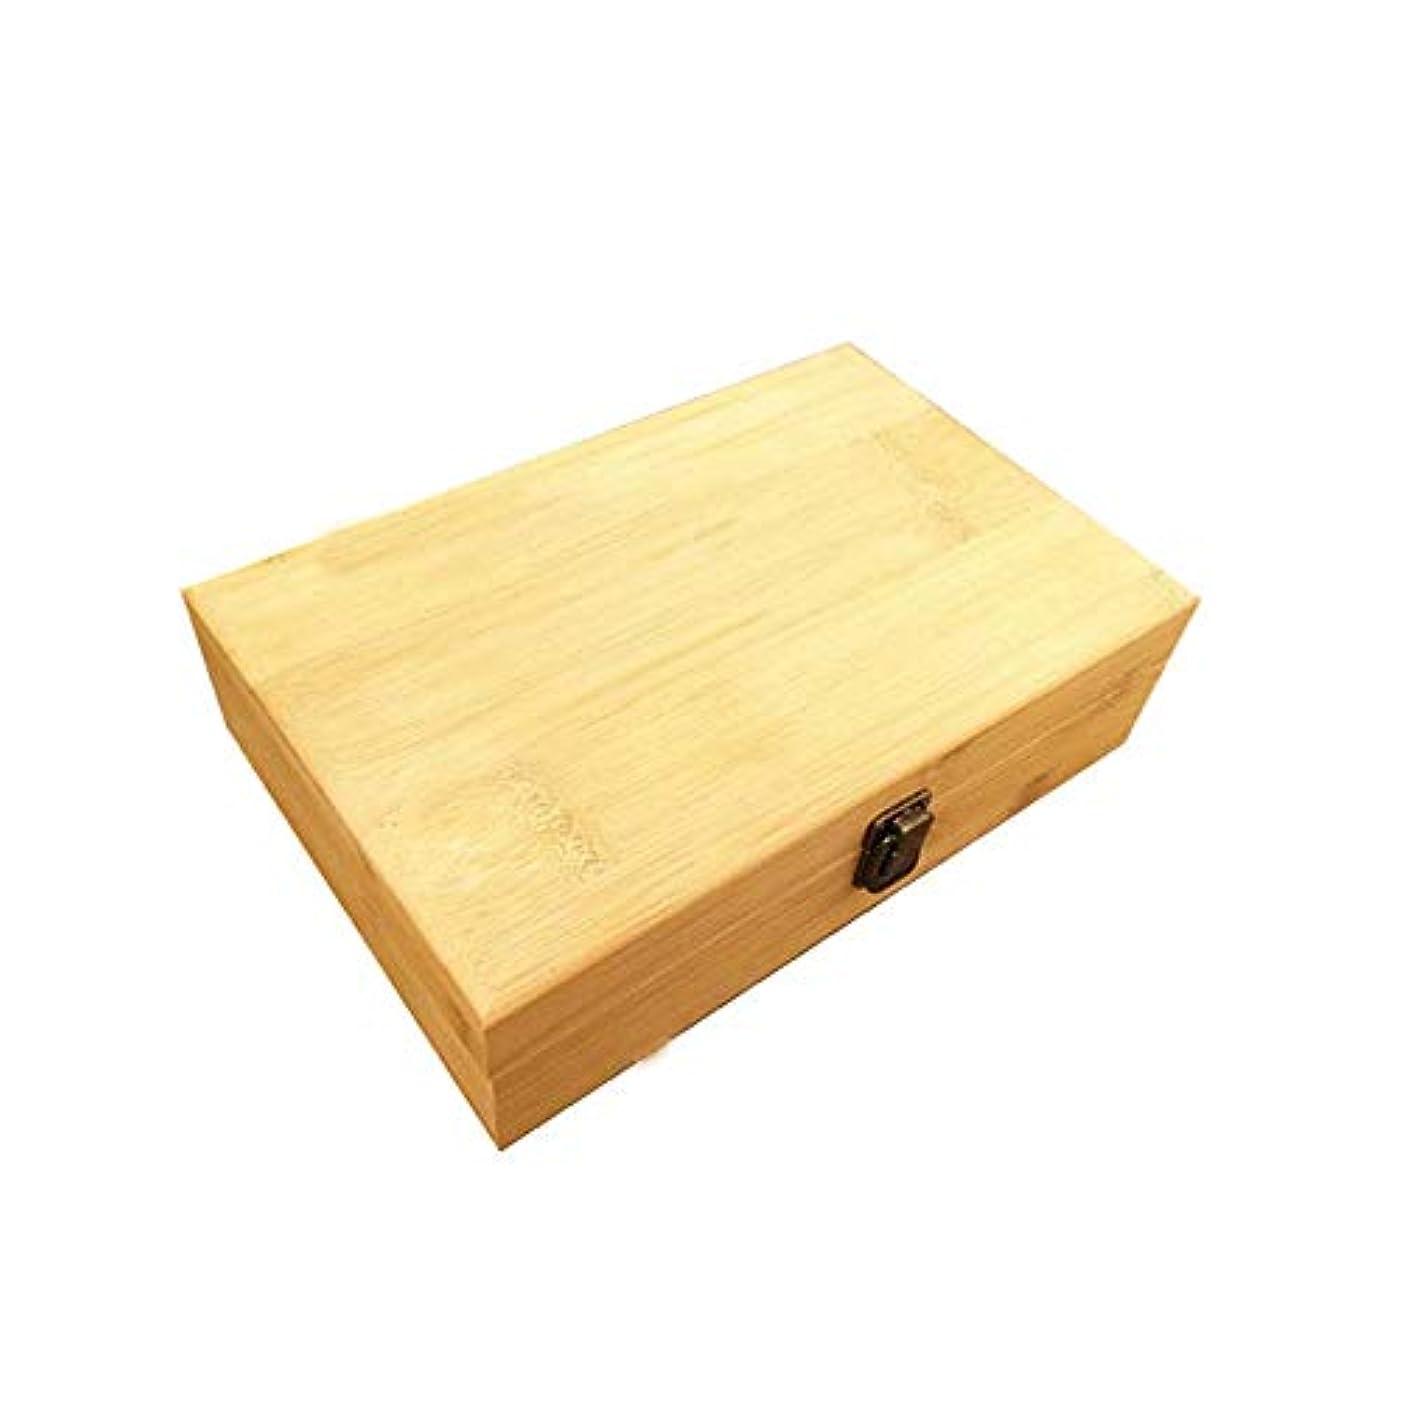 表面的なとティーム埋めるエッセンシャルオイルストレージボックス 40スロットエッセンシャルオイルボックス木製収納ケースは、40本のボトルエッセンシャルオイルスペースセーバーの開催します 旅行およびプレゼンテーション用 (色 : Natural,...